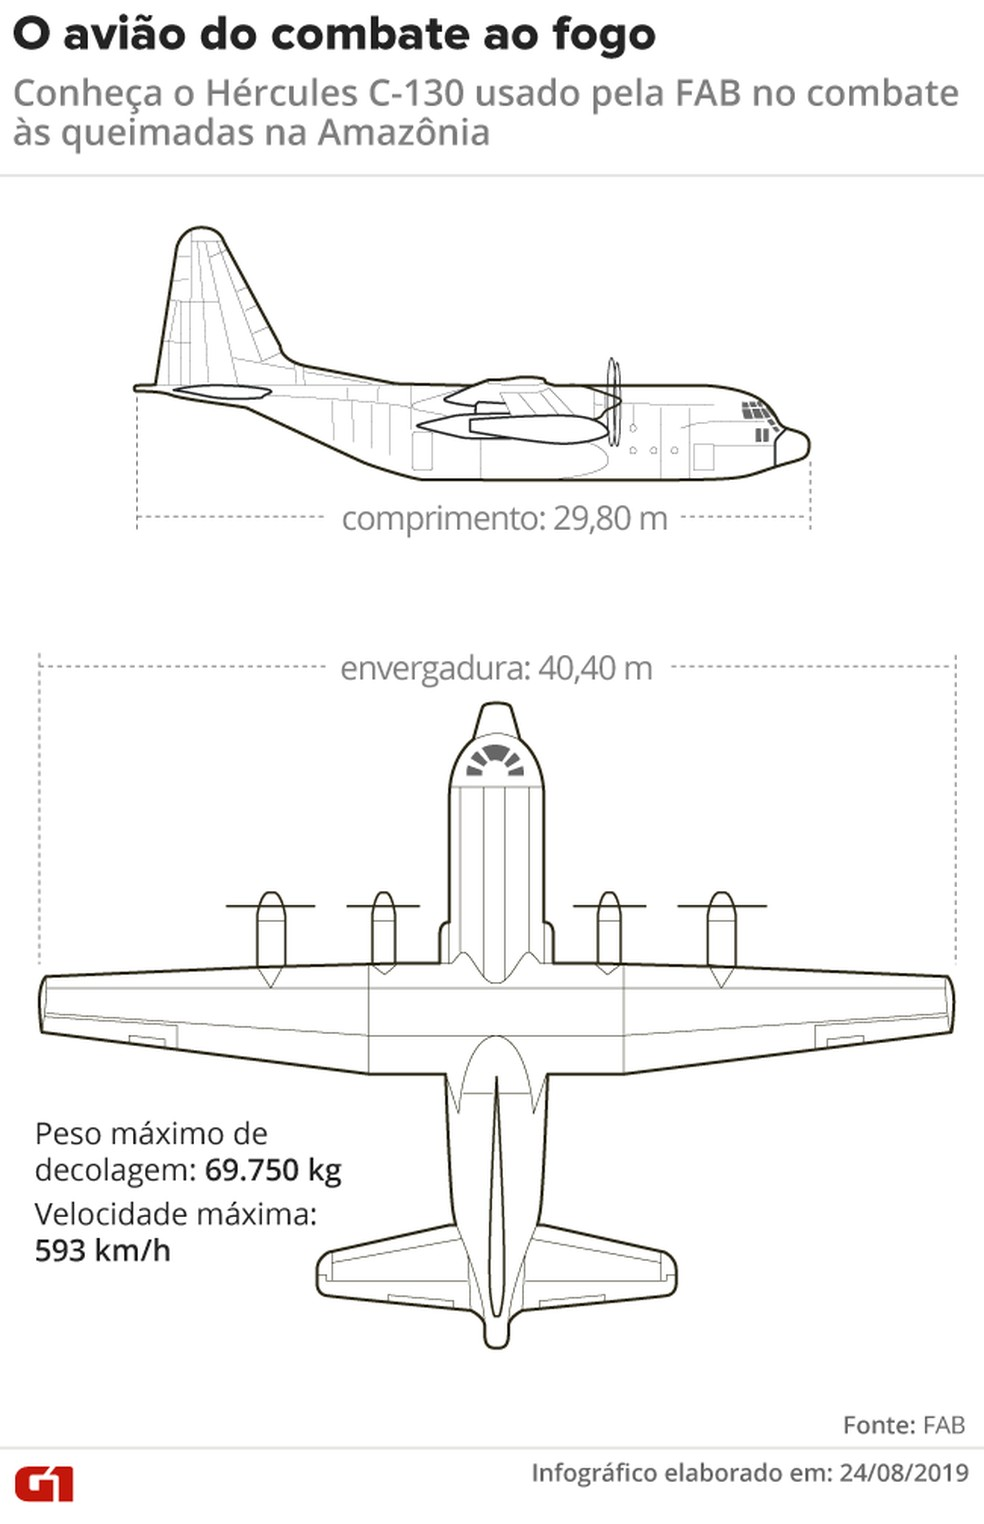 Aeronave modelo C-130 Hércules vai atuar no combate a focos de incêndio na Amazônia — Foto: Rodrigo Cunha/G1